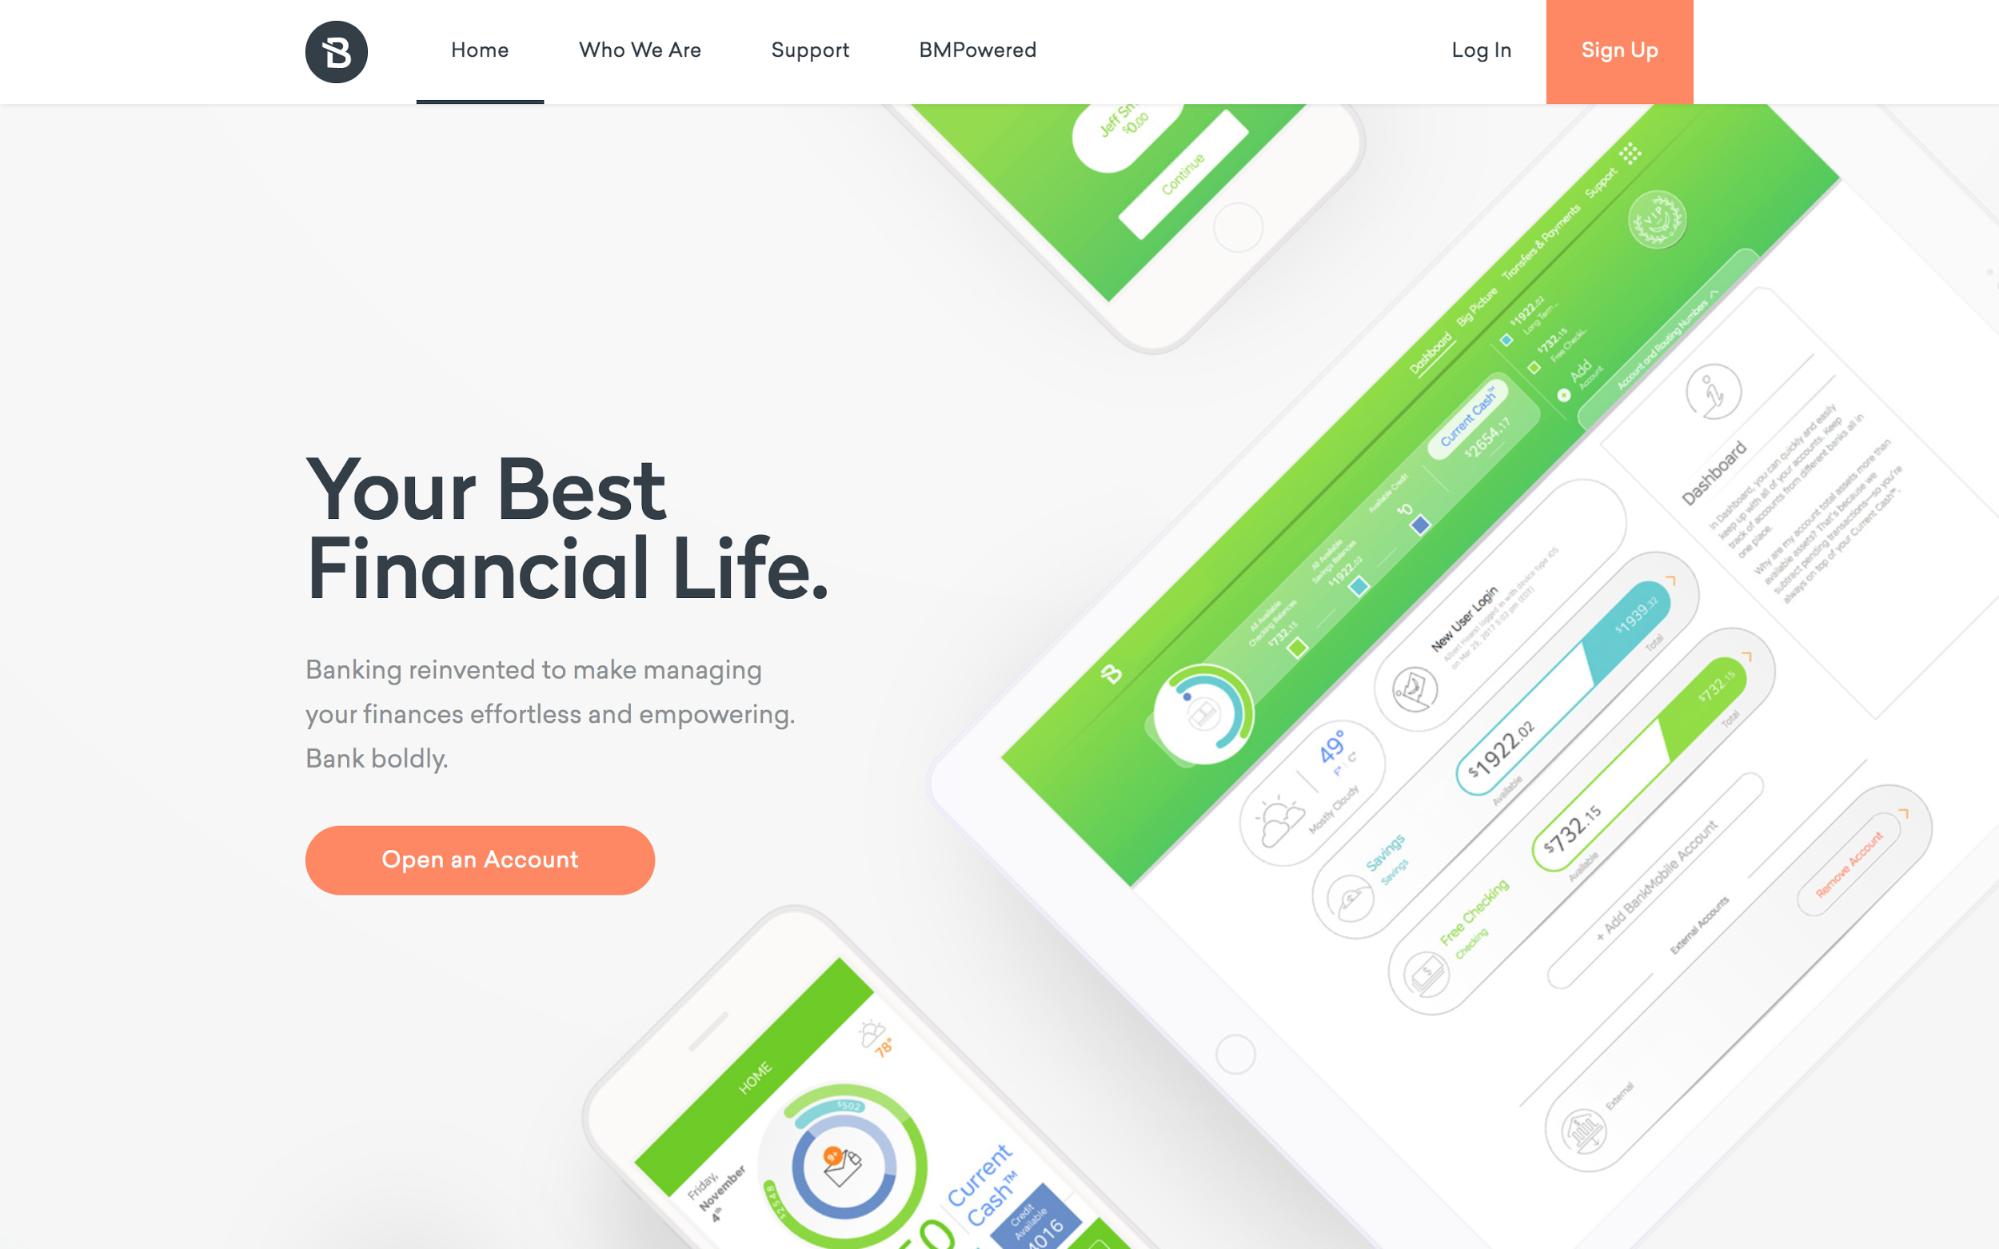 BankMobile's homepage